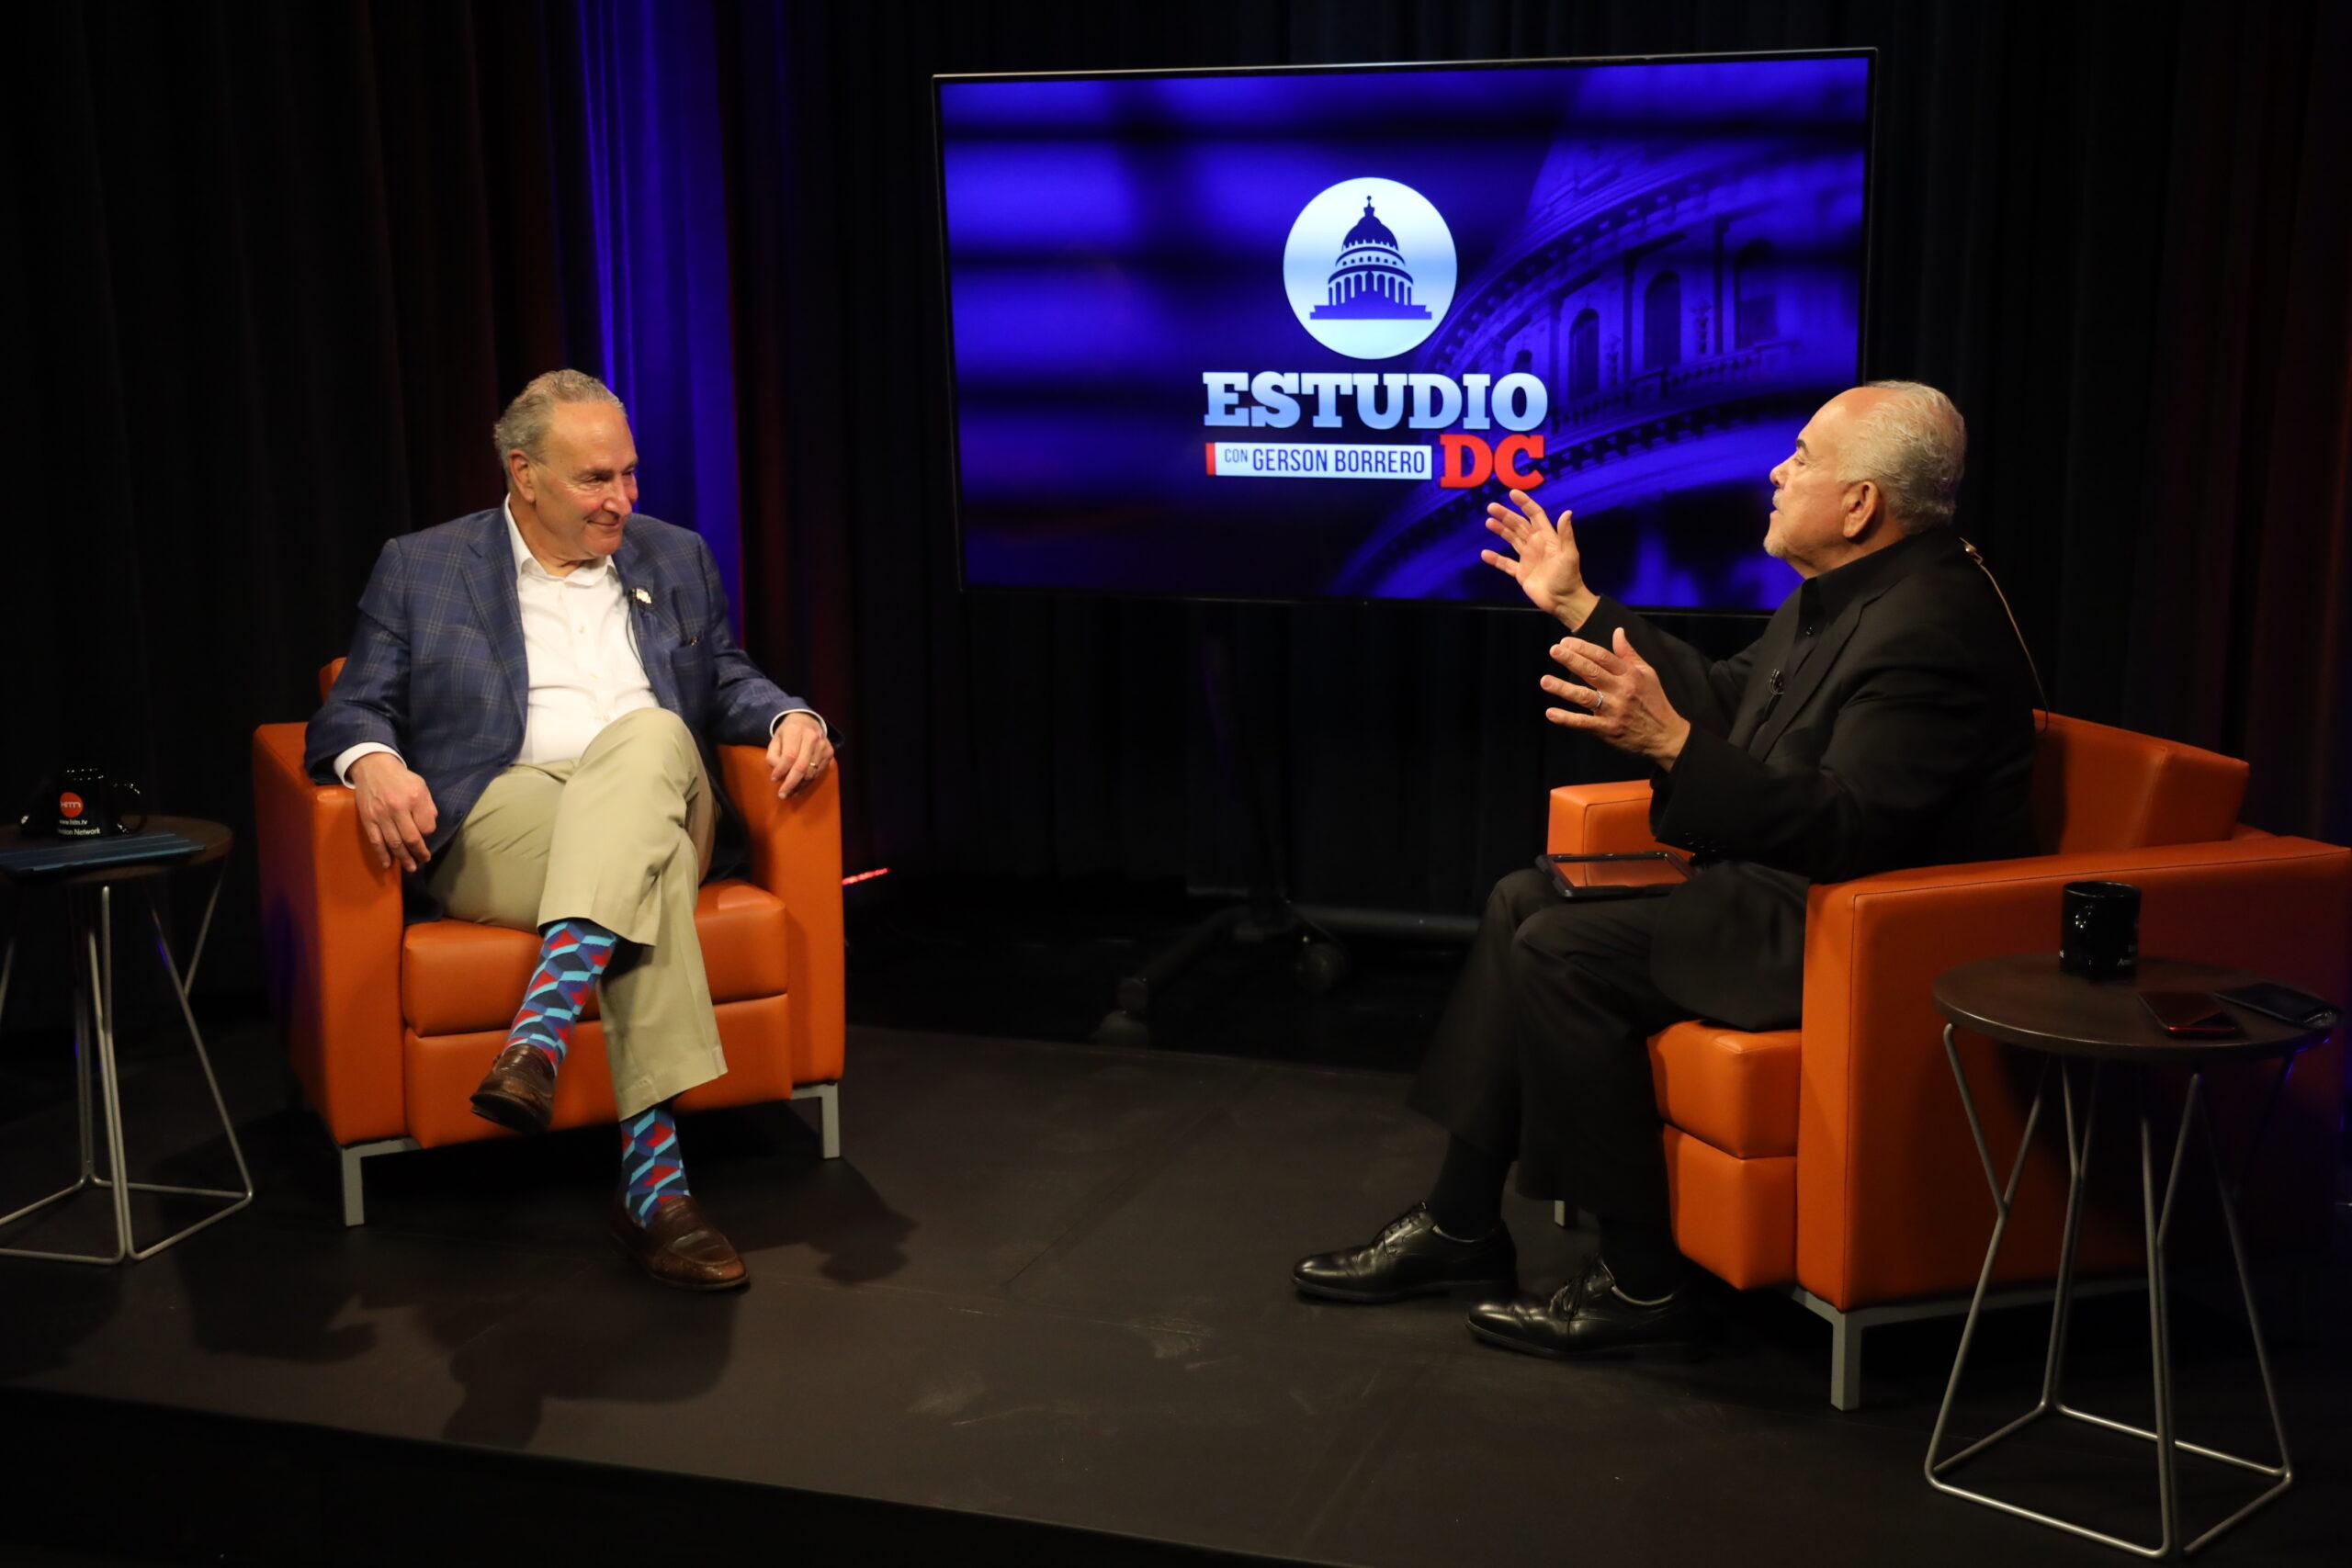 Entrevista exclusiva con Chuck Schumer en Estudio DC